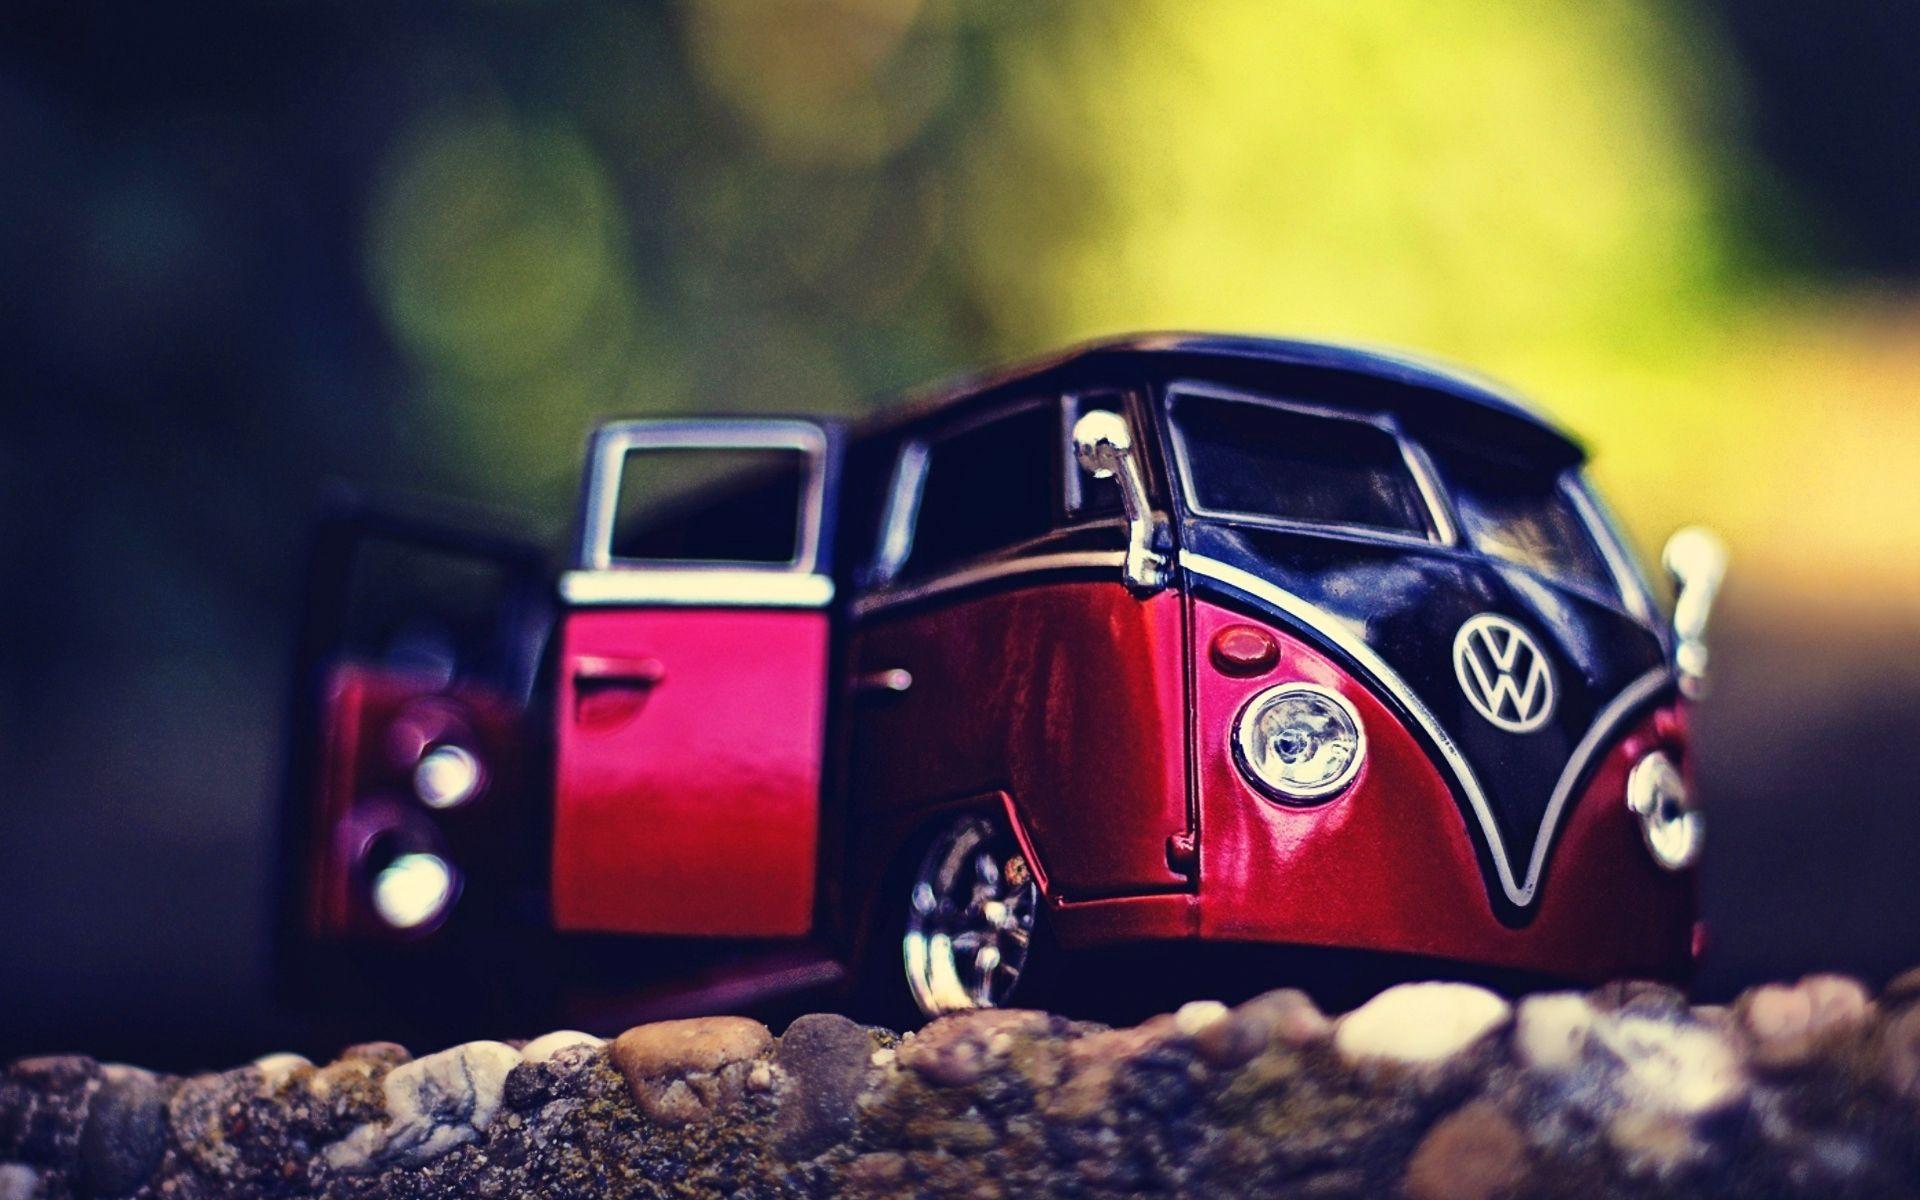 Volkswagen Miniature Wallpapers Wallpaper 2020 Car Model Toy Car Miniature Cars Hd wallpaper retro old volkswagen van